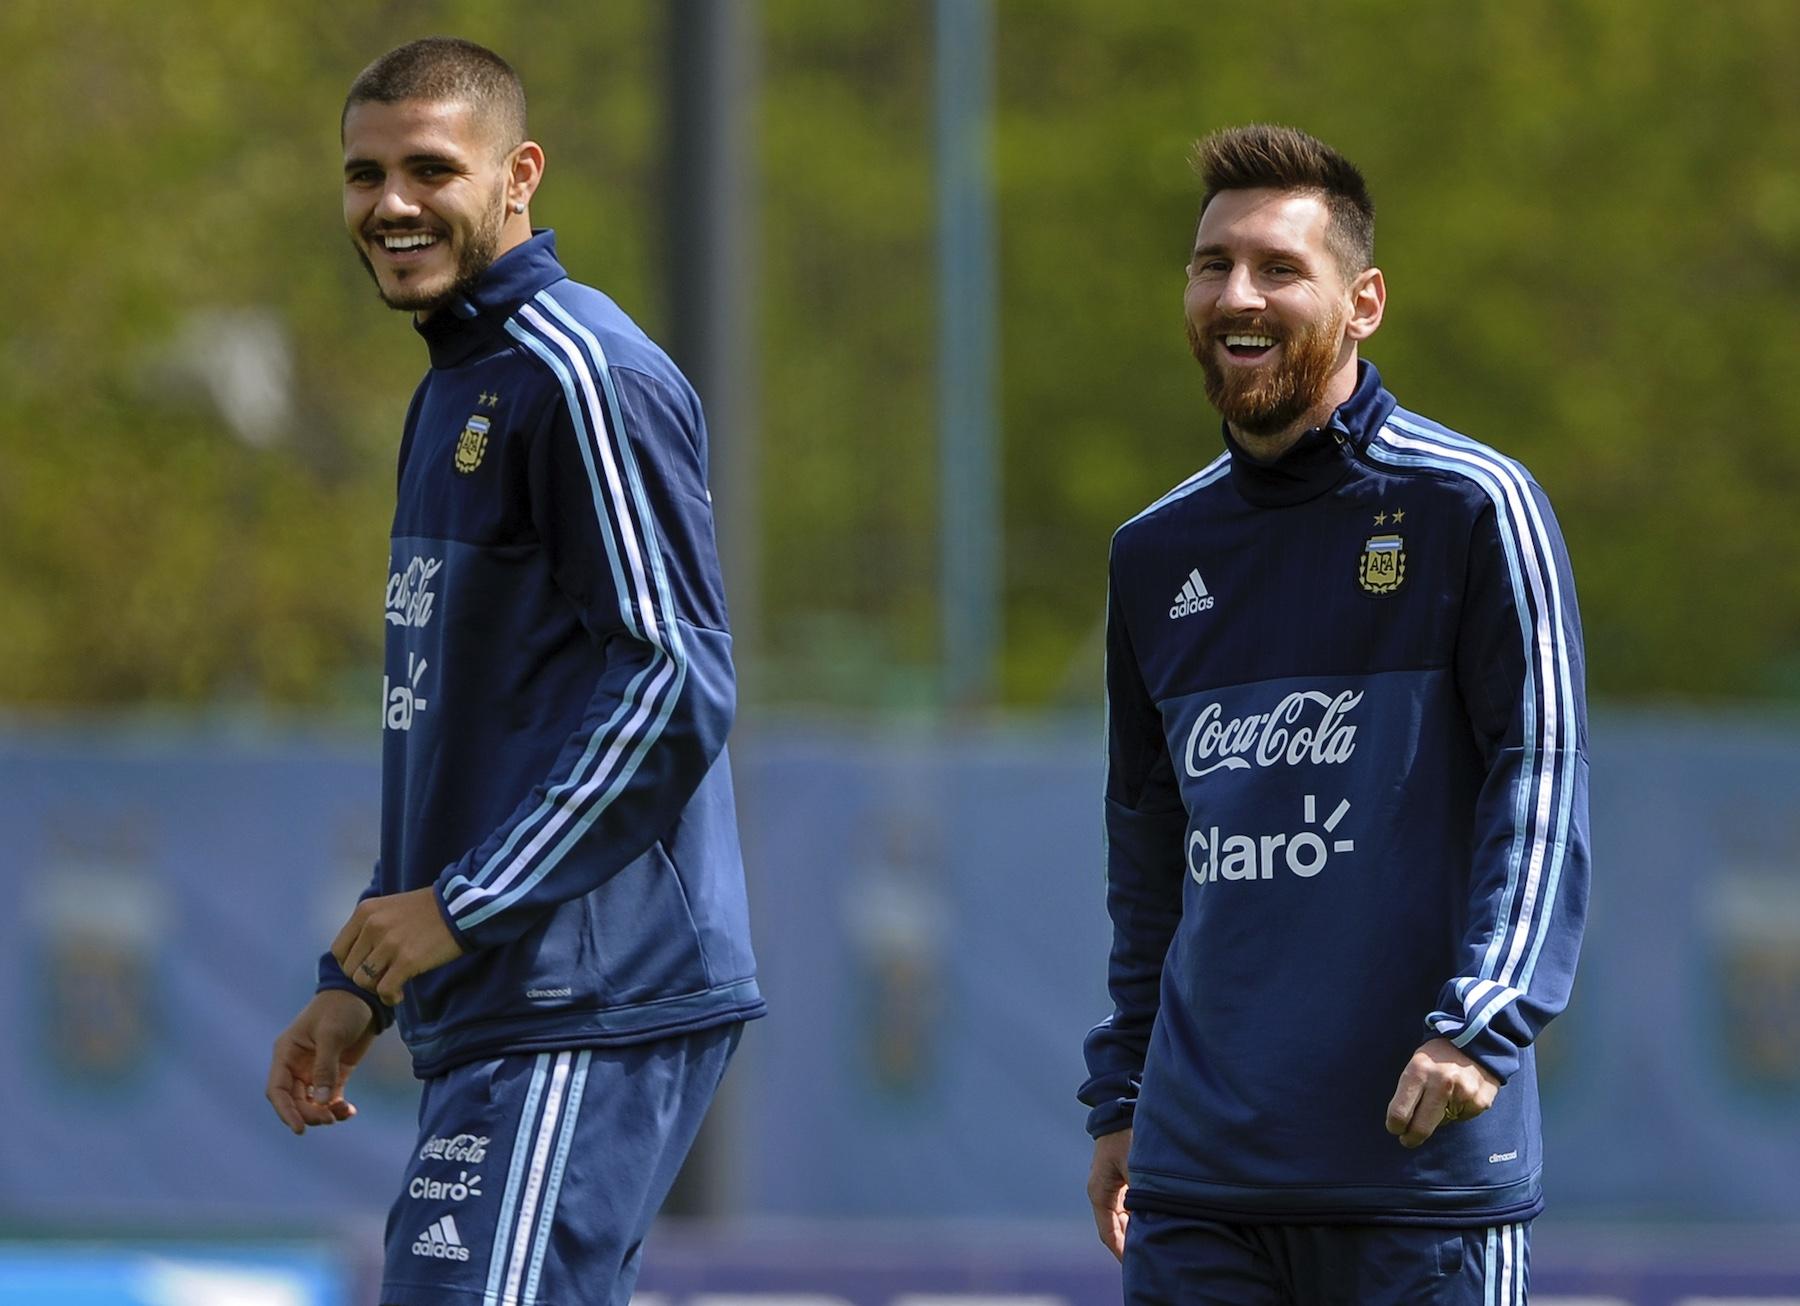 เปแอสเช สามารถถ่ายโอน อิคาร์ดี้ เพื่อระดมทุนในการเซ็นสัญญากับ Messi